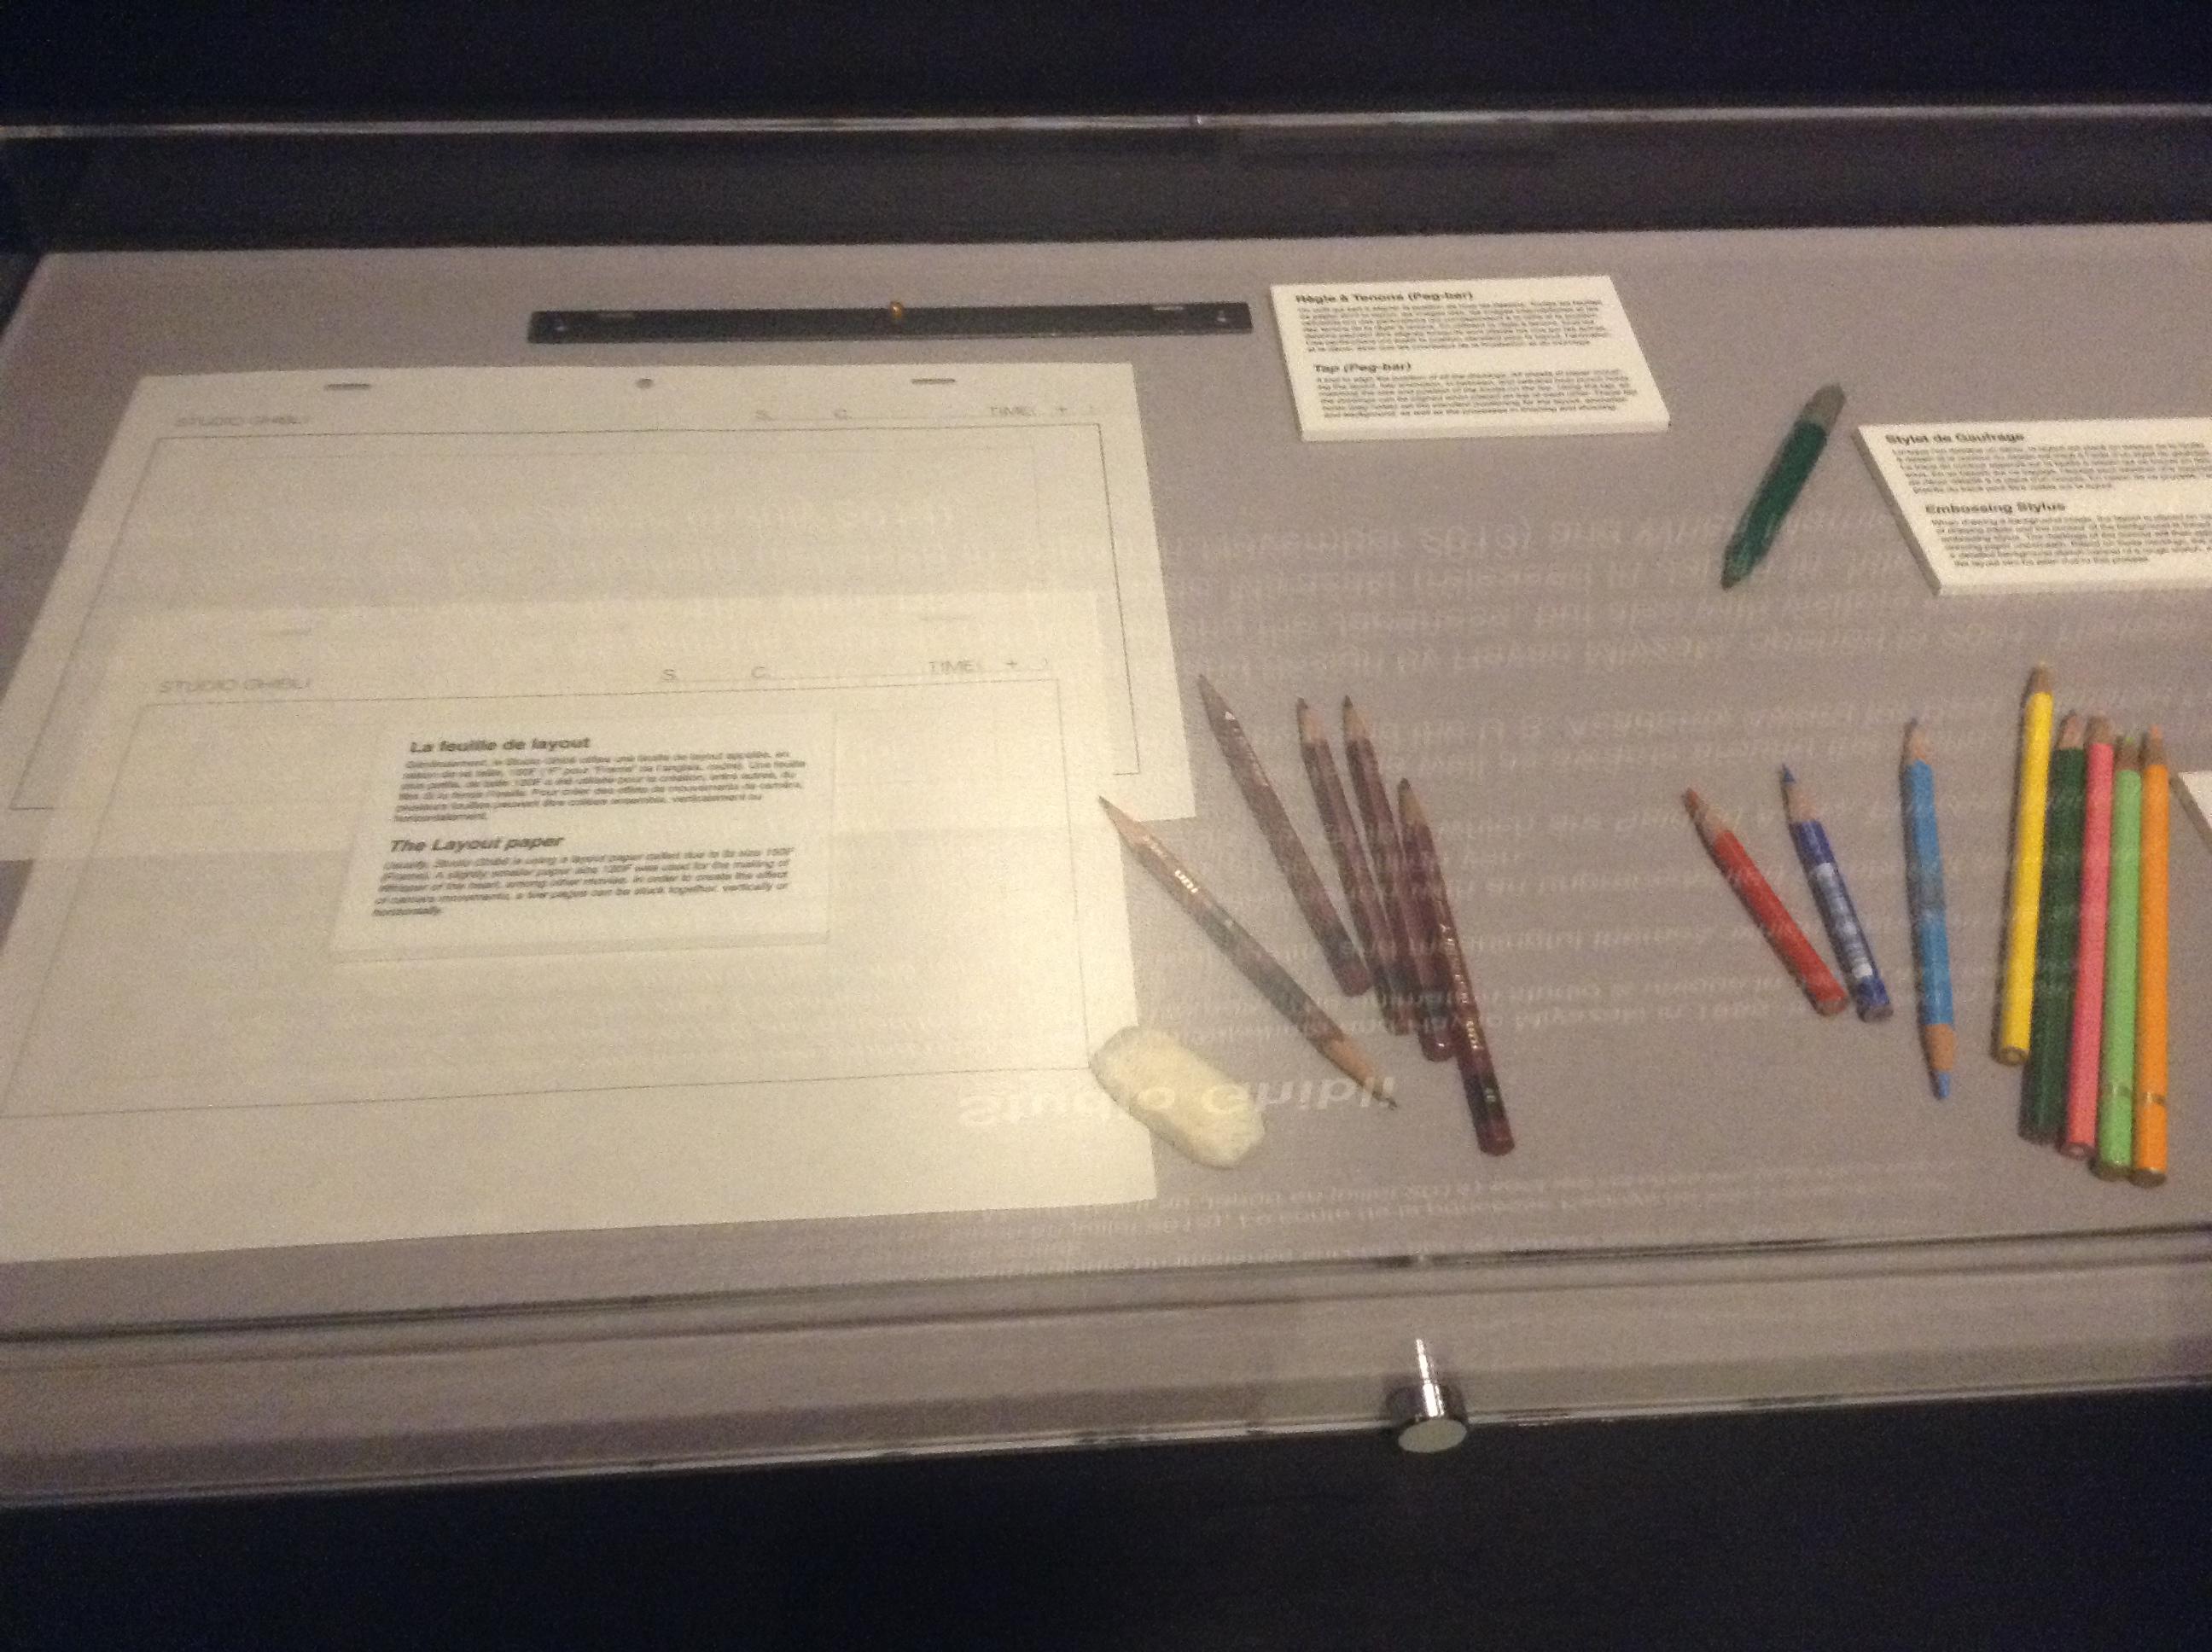 feuilles,  une barre à tenon, crayons graphiques, crayons de couleur, gomme, stylet de gaufrage